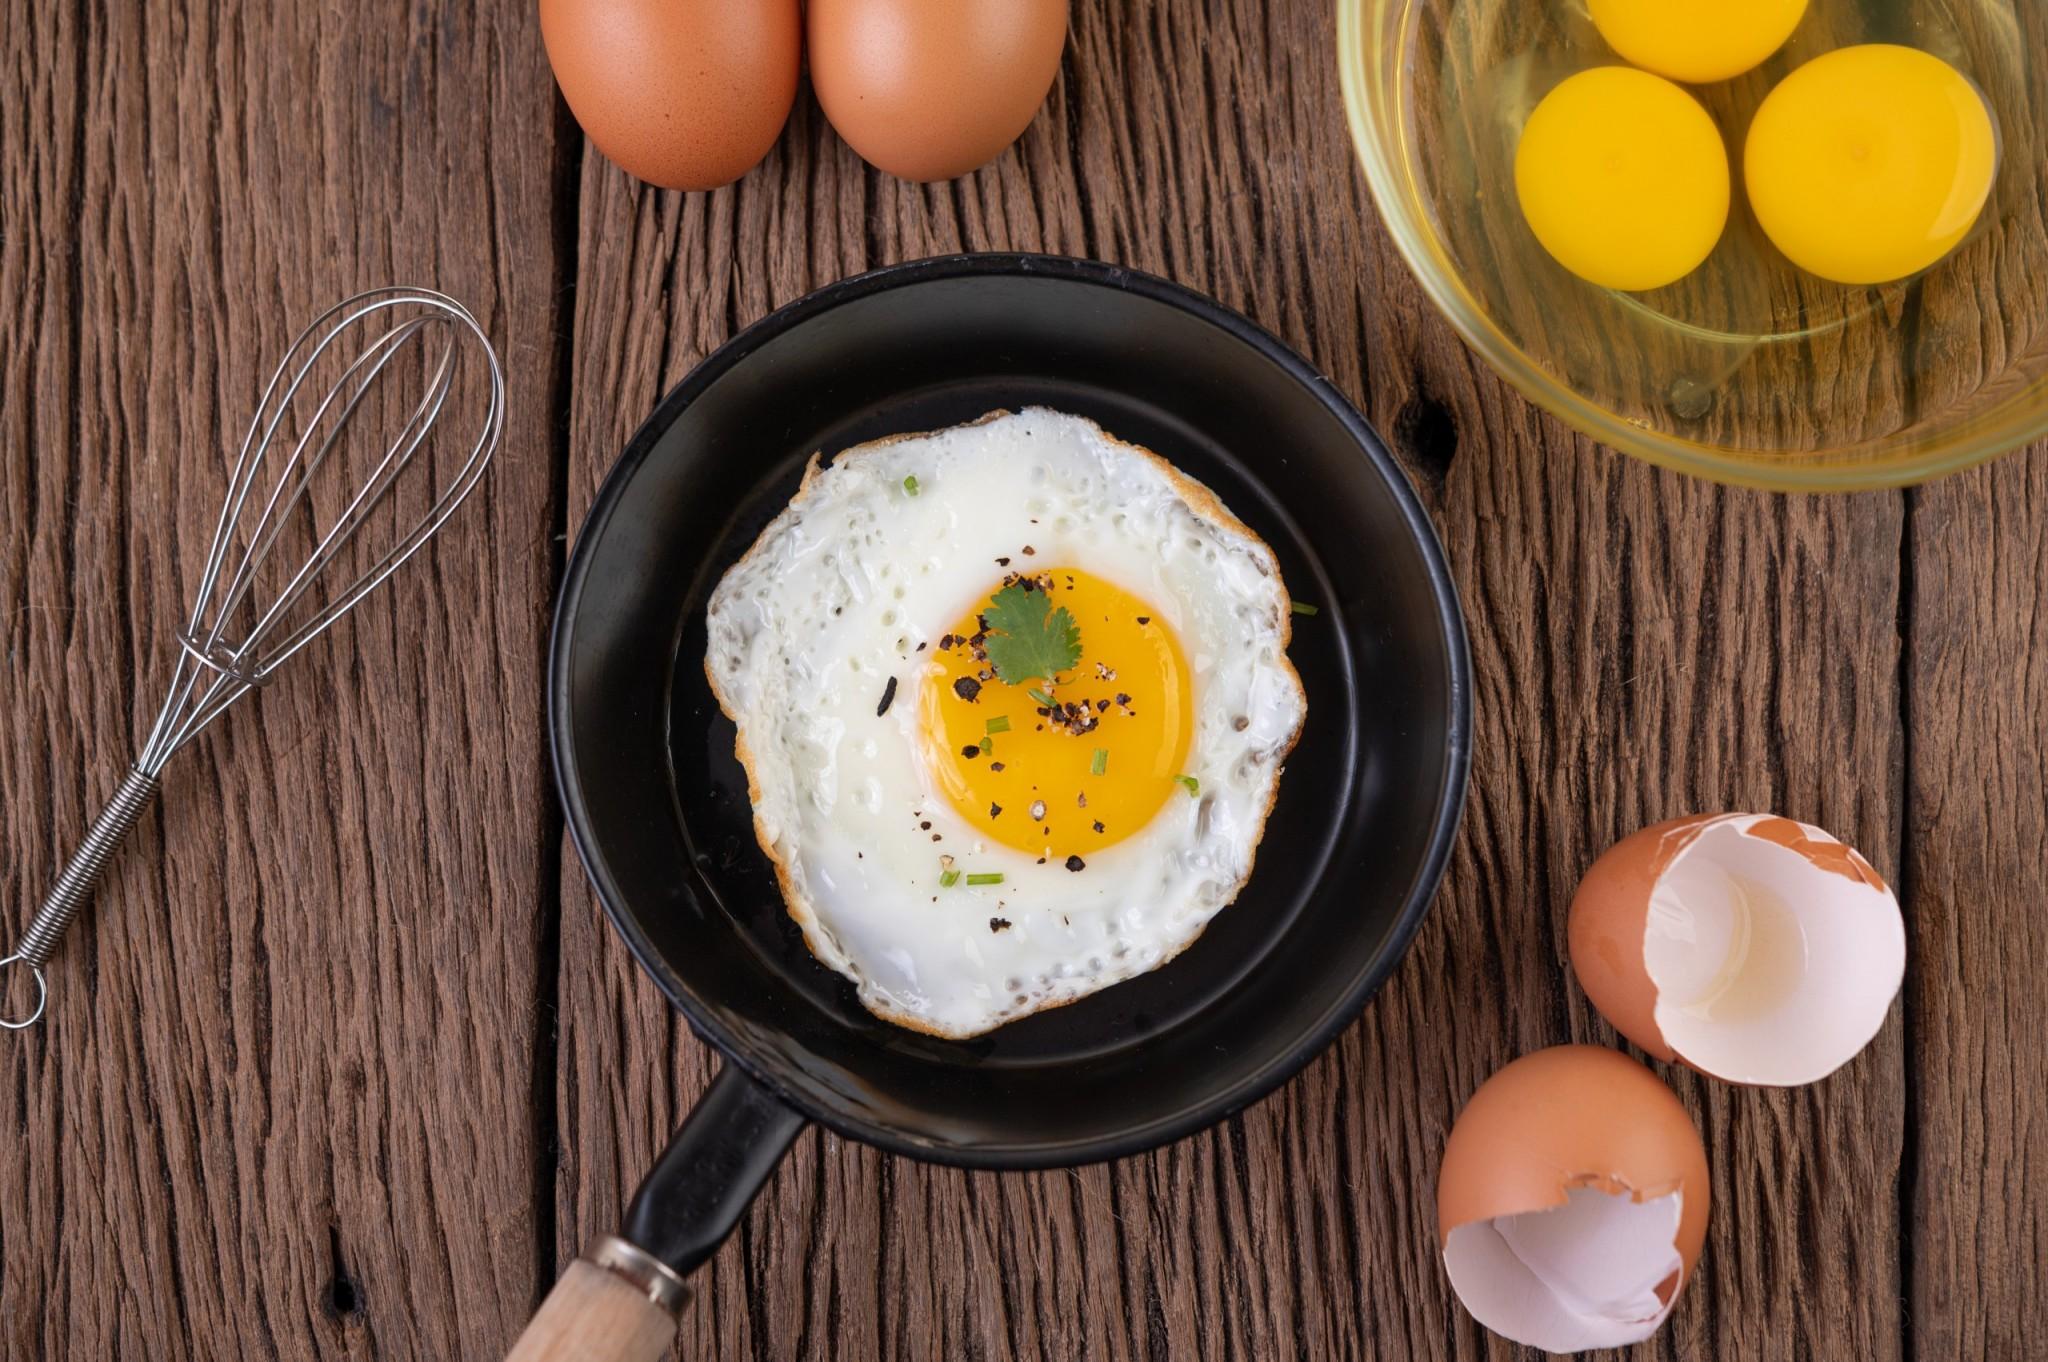 อาหารบำรุงครรภ์ โปรตีน ไข่